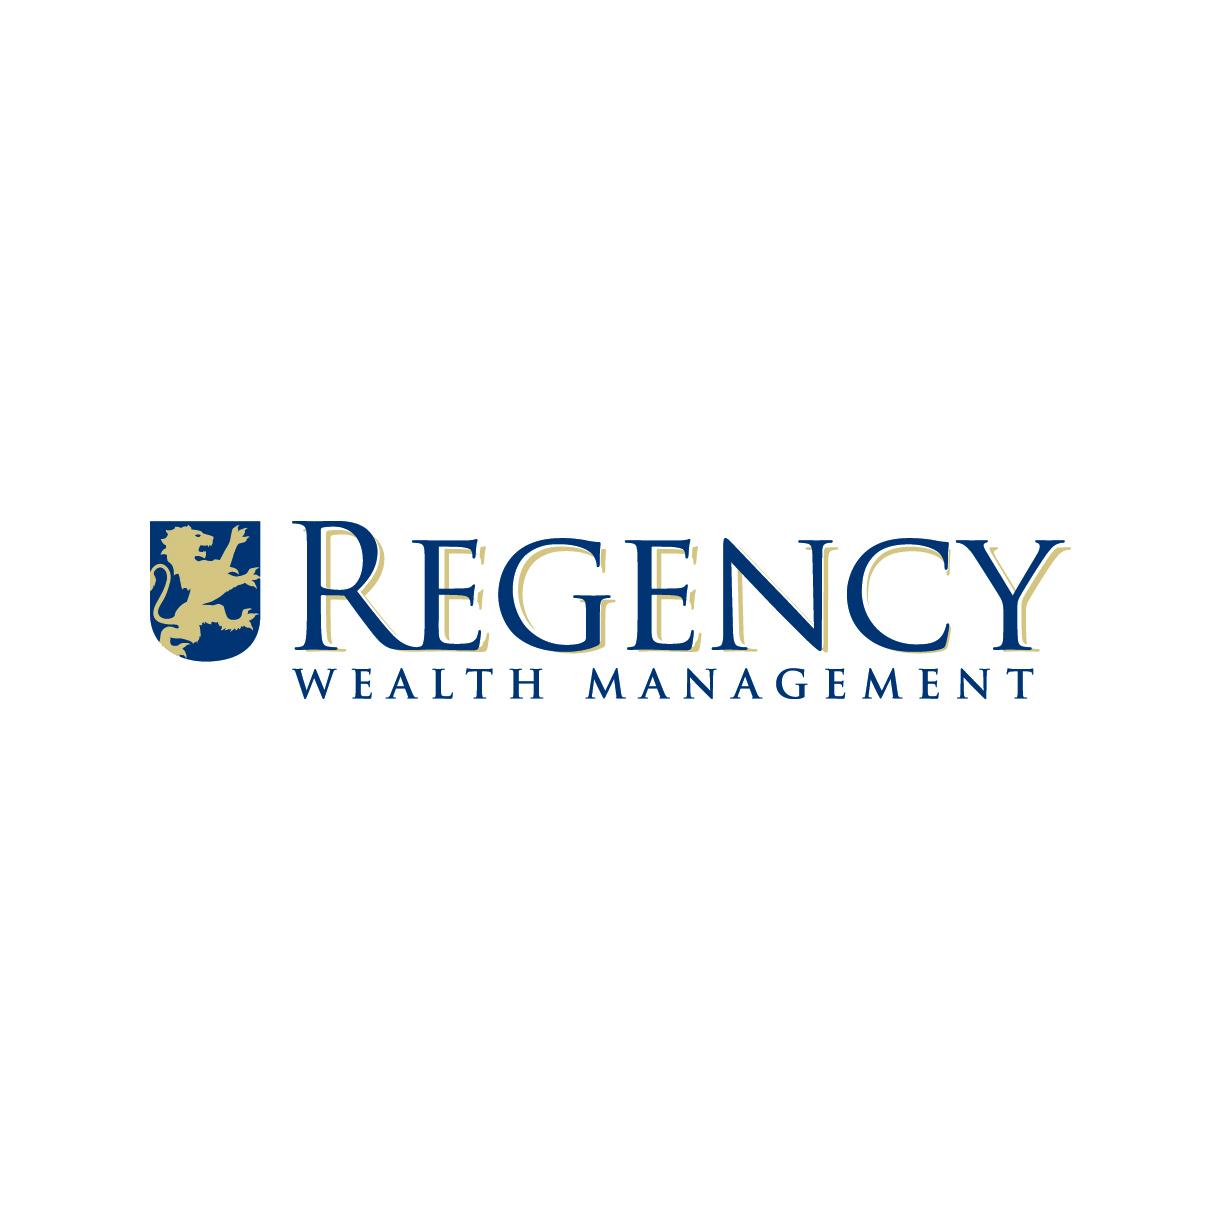 regencylogonollc.jpg